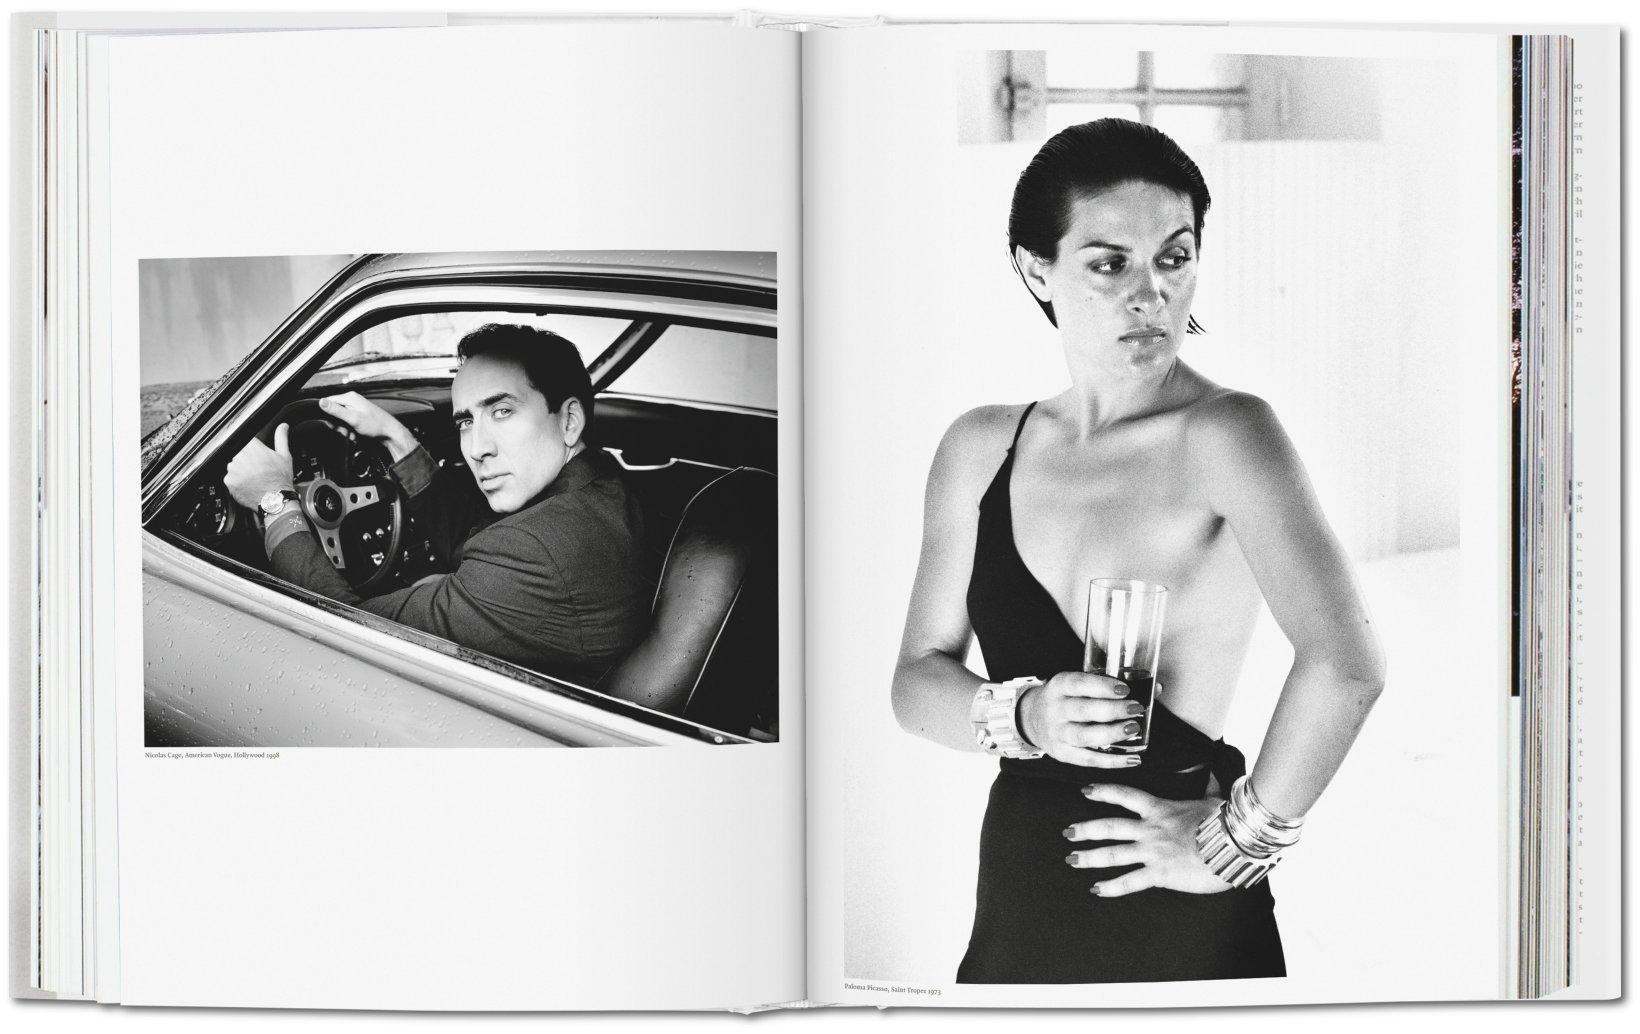 Taschen réédite le célèbre livre SUMO d'Helmut Newton en édition XL pour les 20 ans du livre